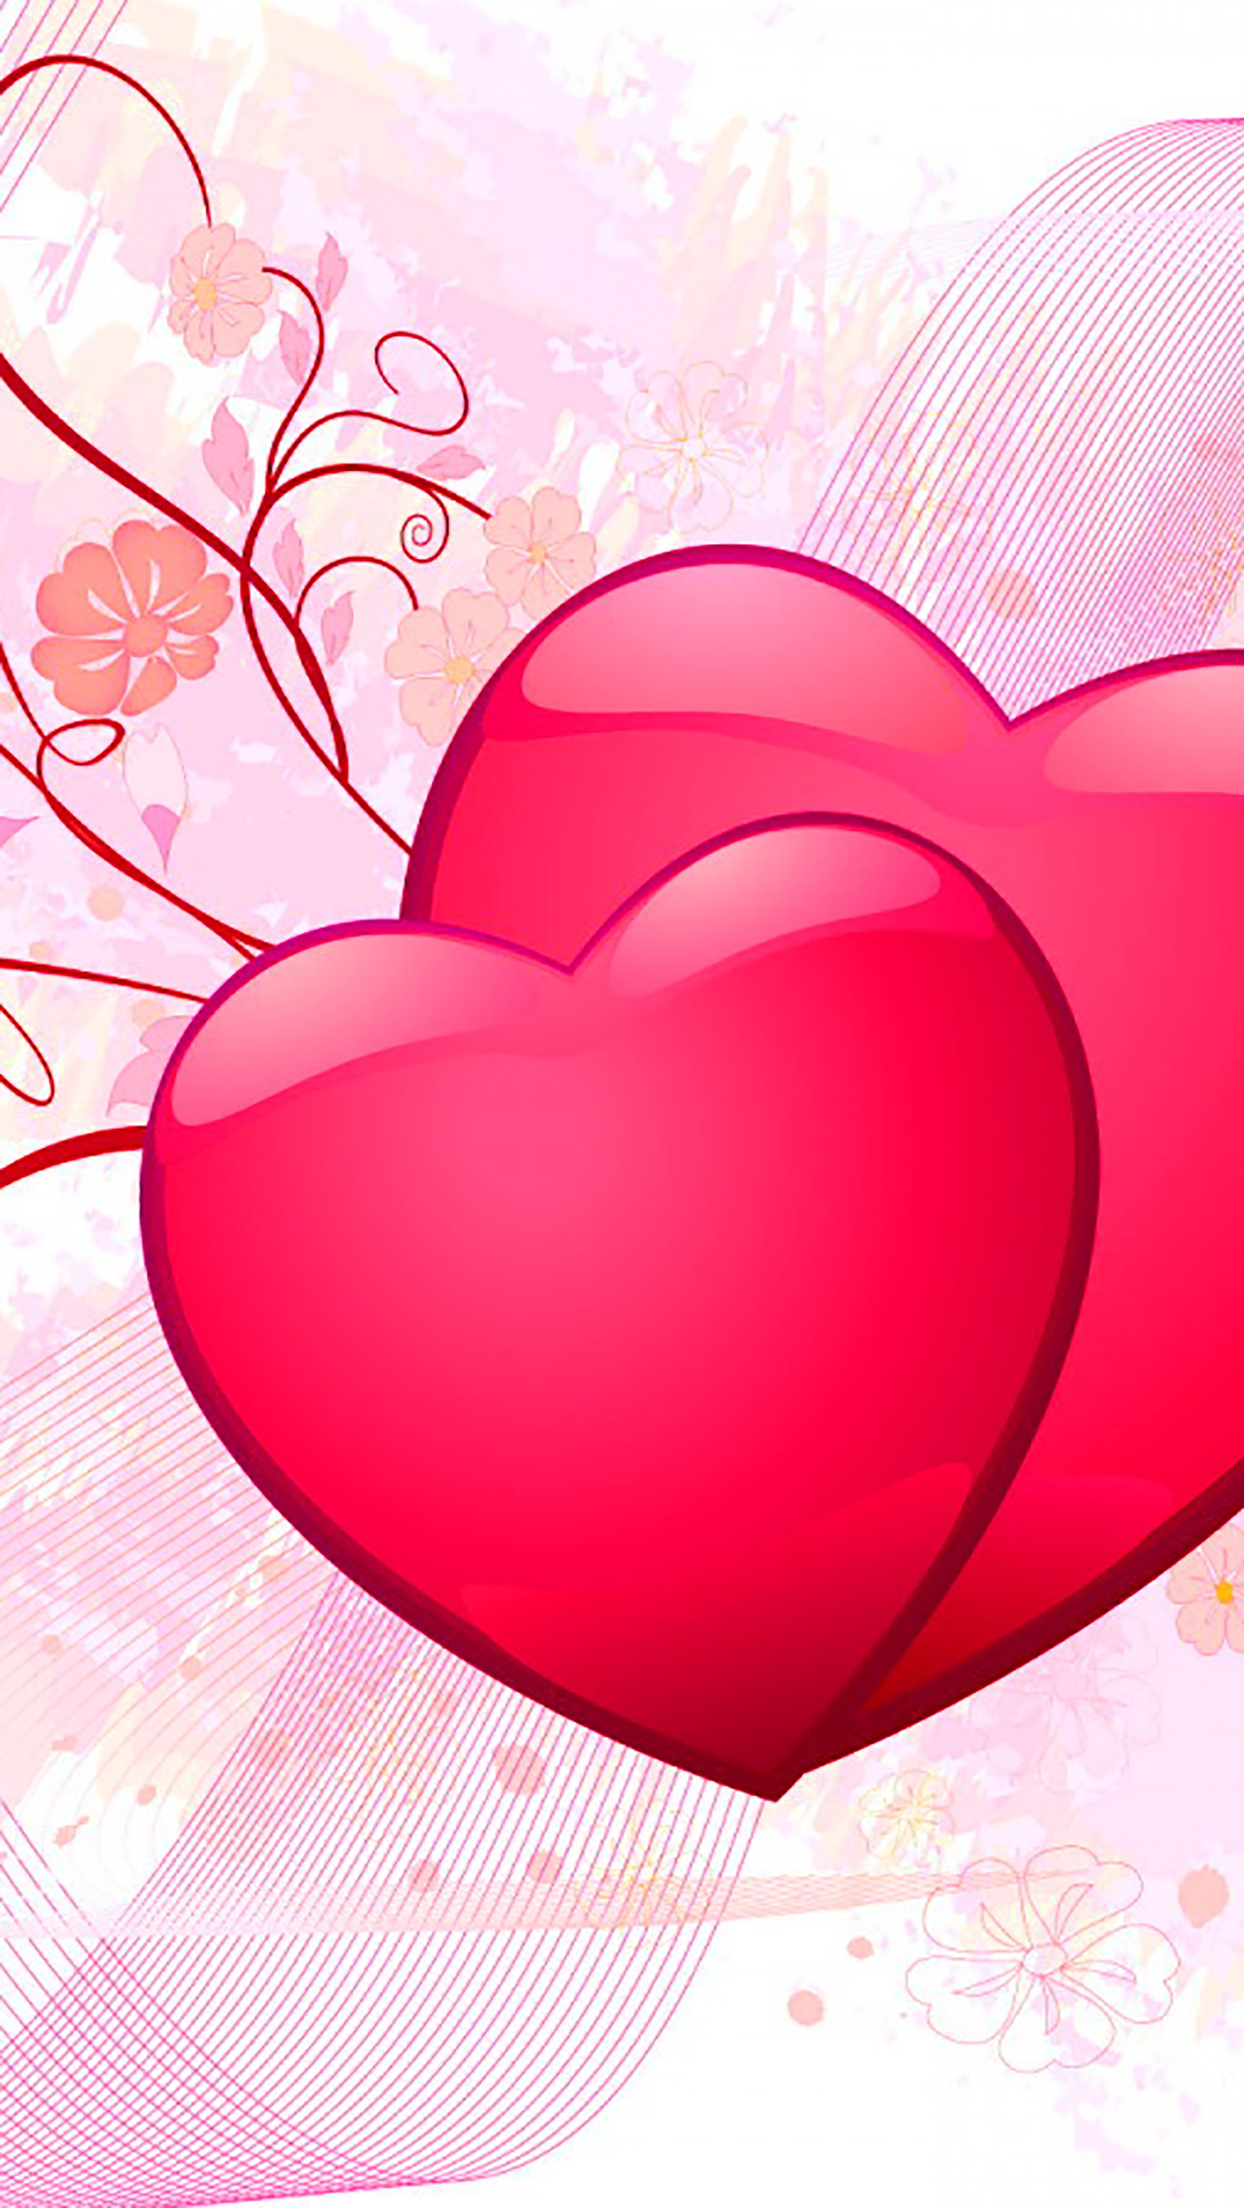 Heart 3 3Wallpapers iPhone Parallax Heart : 3